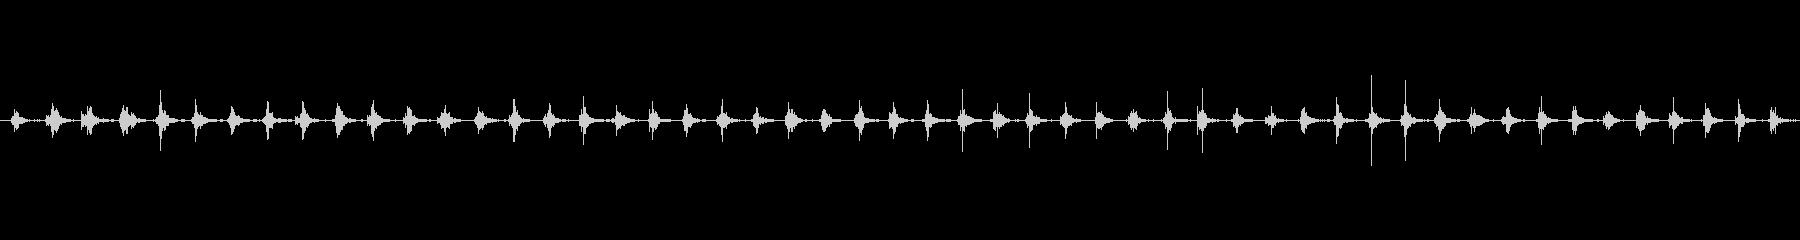 ステップ ミリタリーマーチヘビー01の未再生の波形